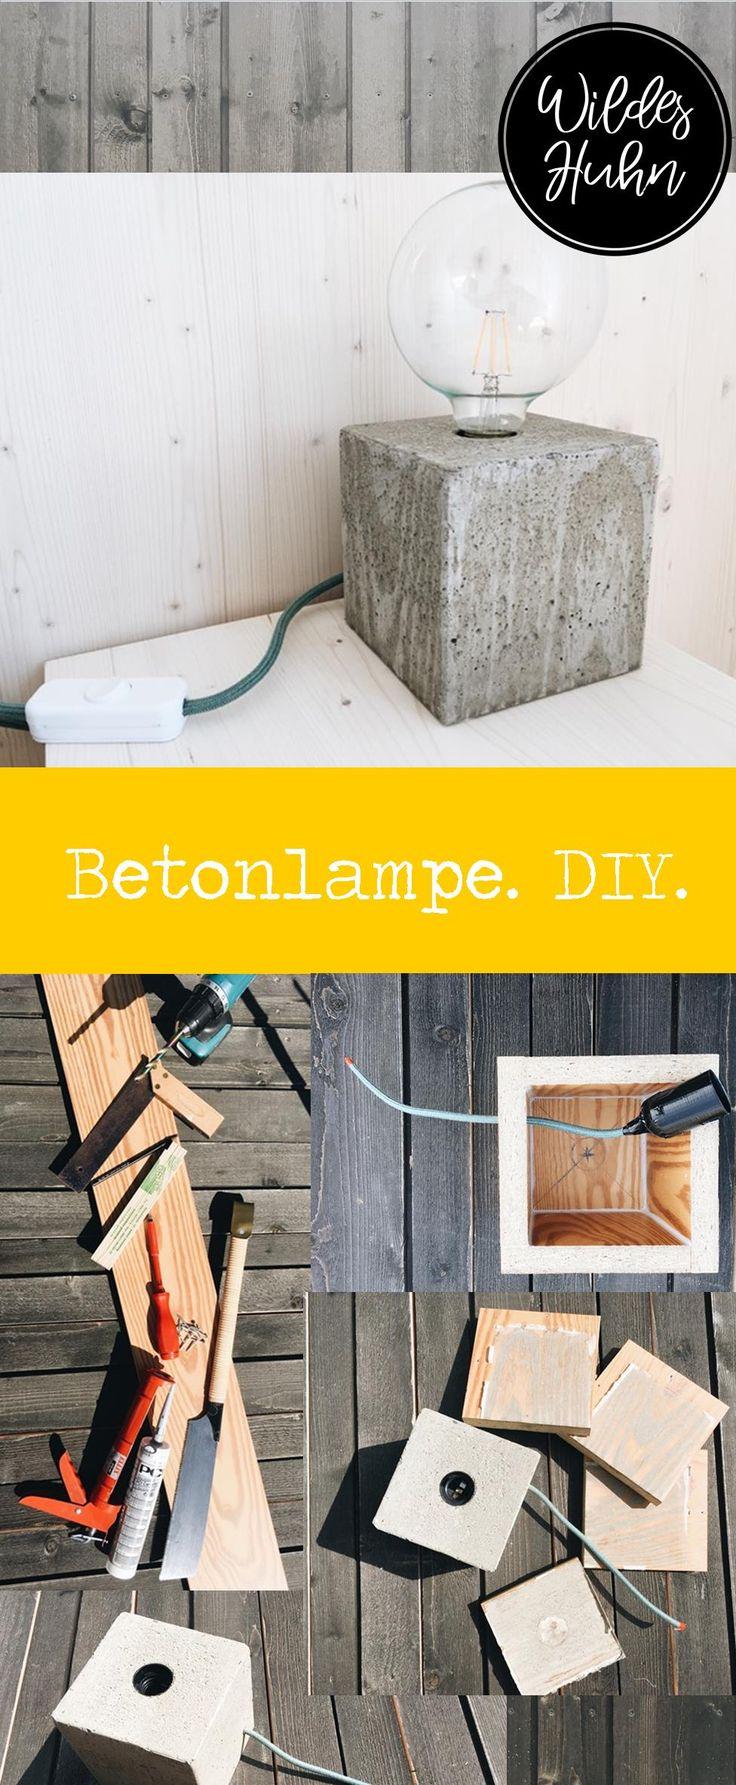 individuelle betonlampe selber machen anleitung und tipps f r eine selbergemachte lampe im. Black Bedroom Furniture Sets. Home Design Ideas